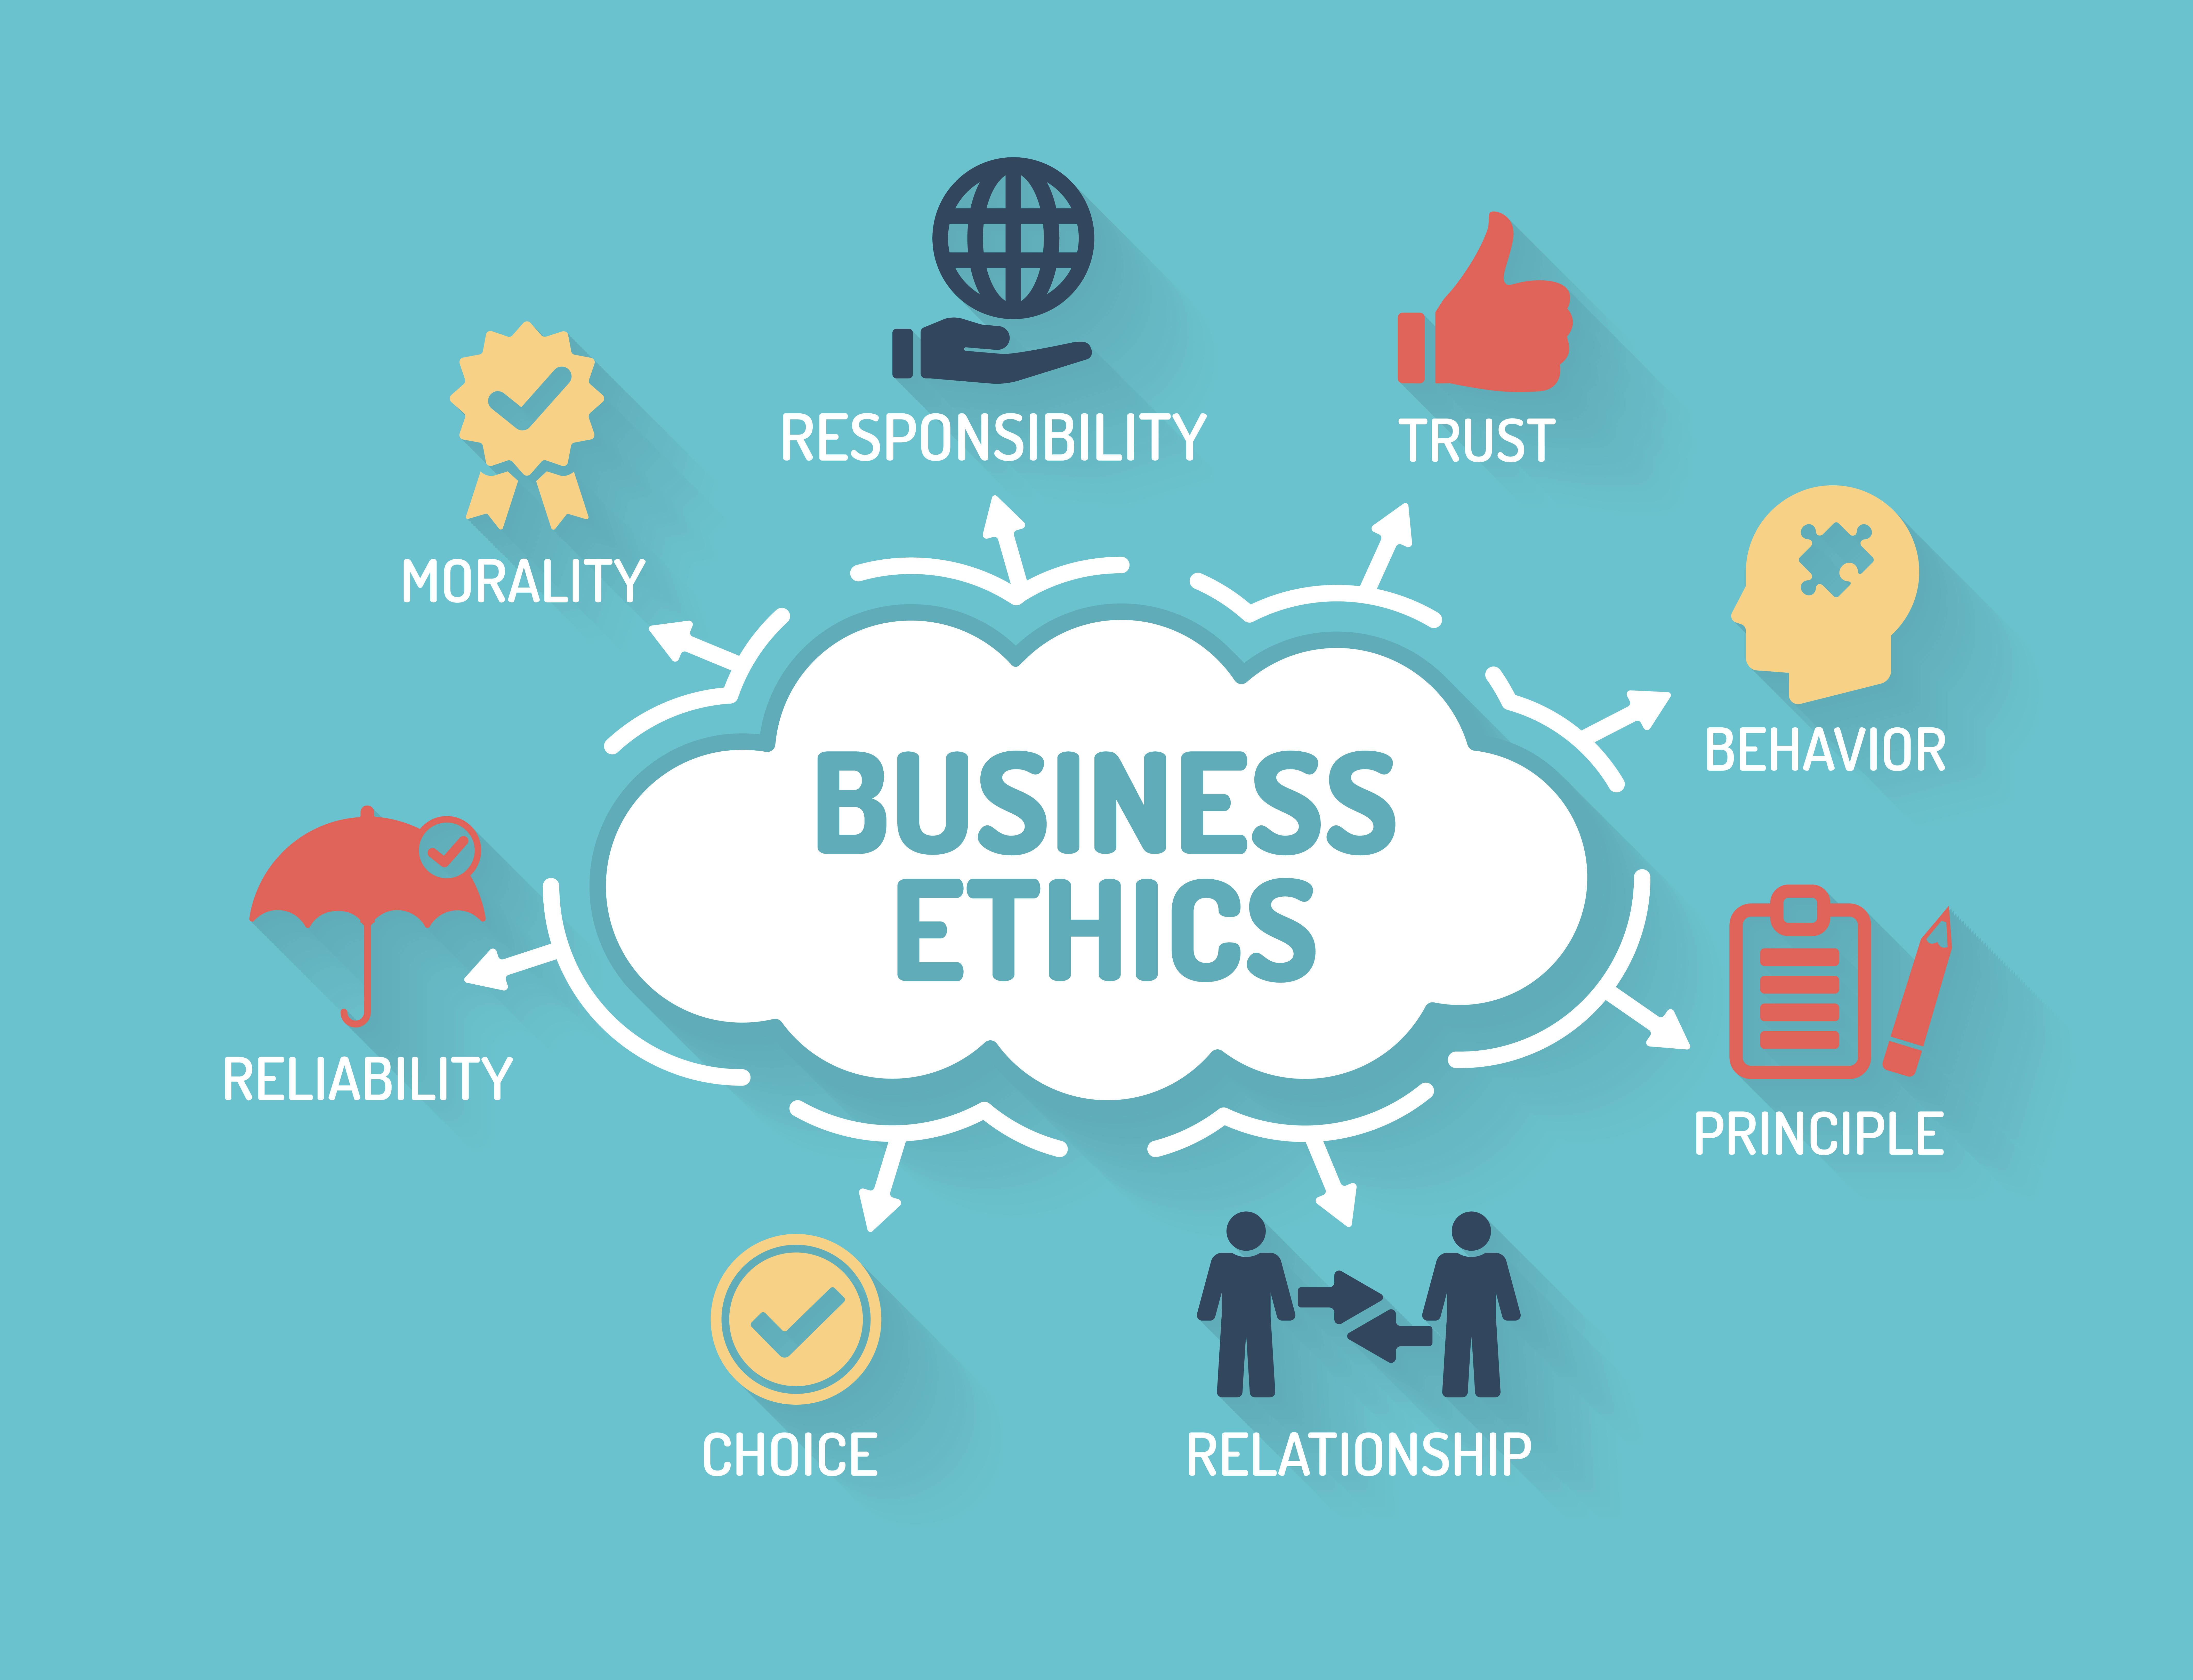 El consumo responsable y el compromiso ético en la empresa